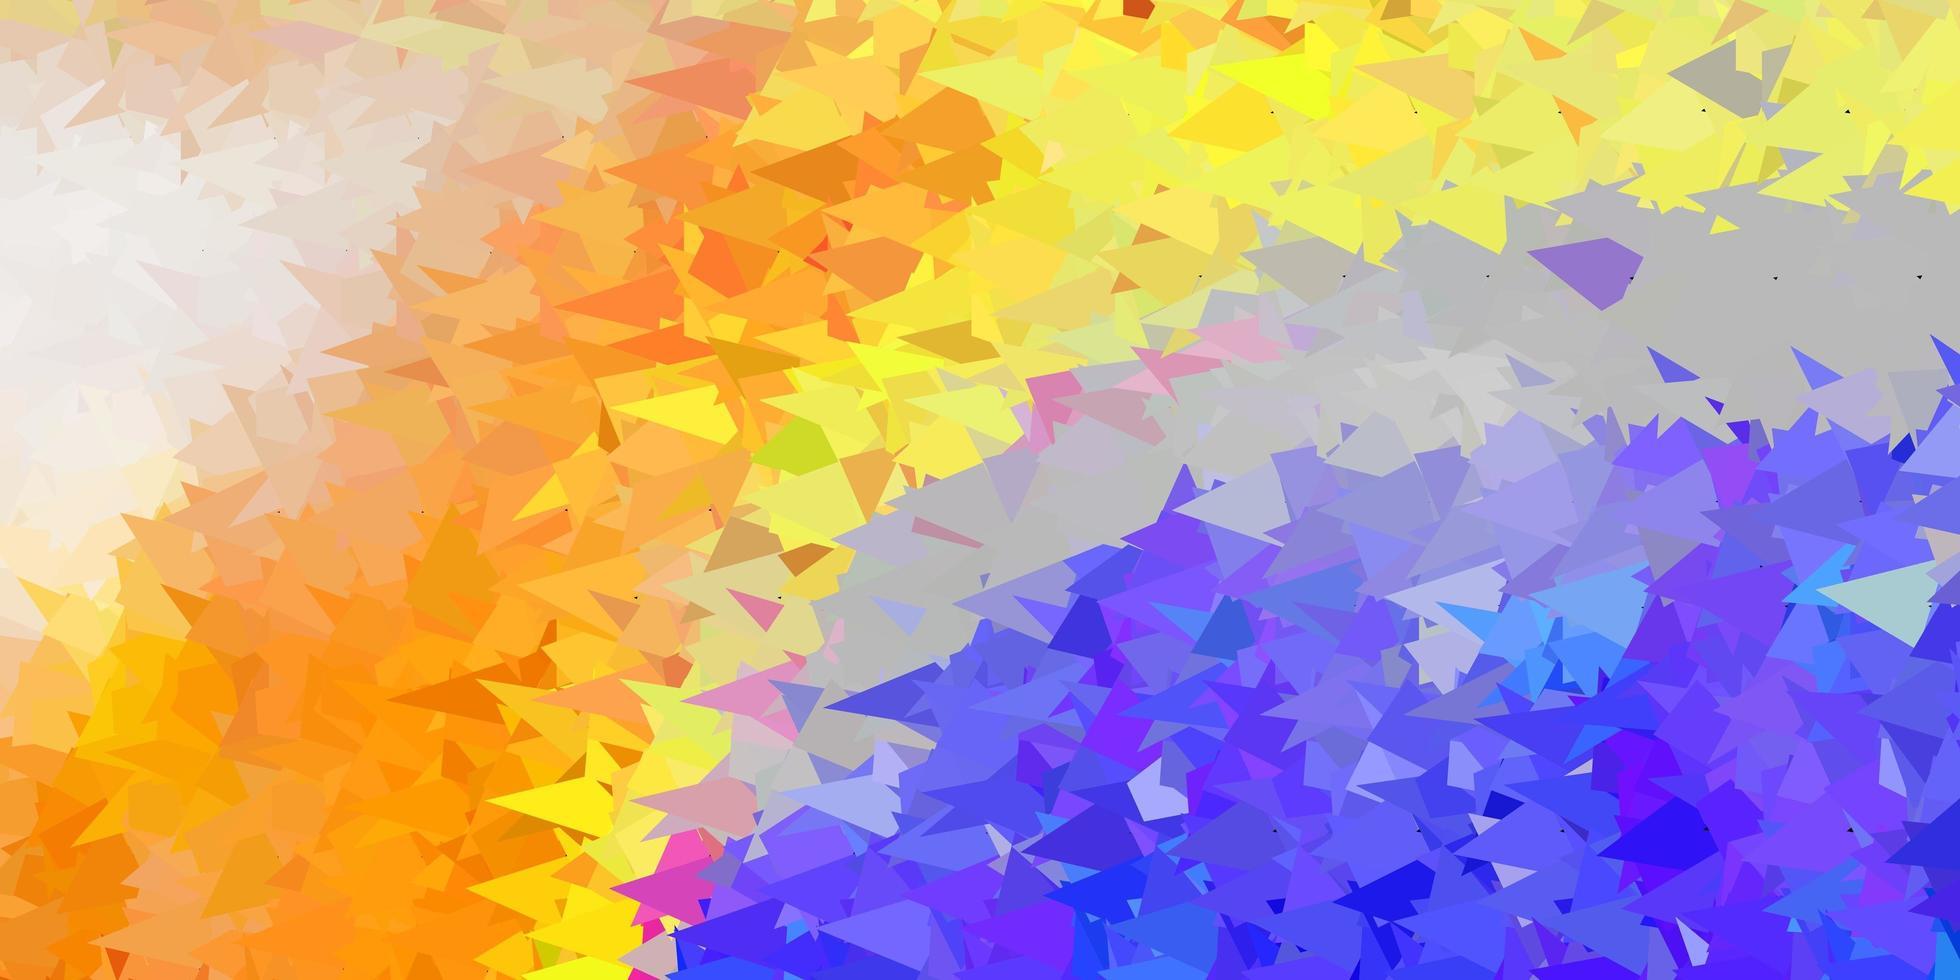 abstrakte Dreieckbeschaffenheit des dunkelgelben Vektors. vektor